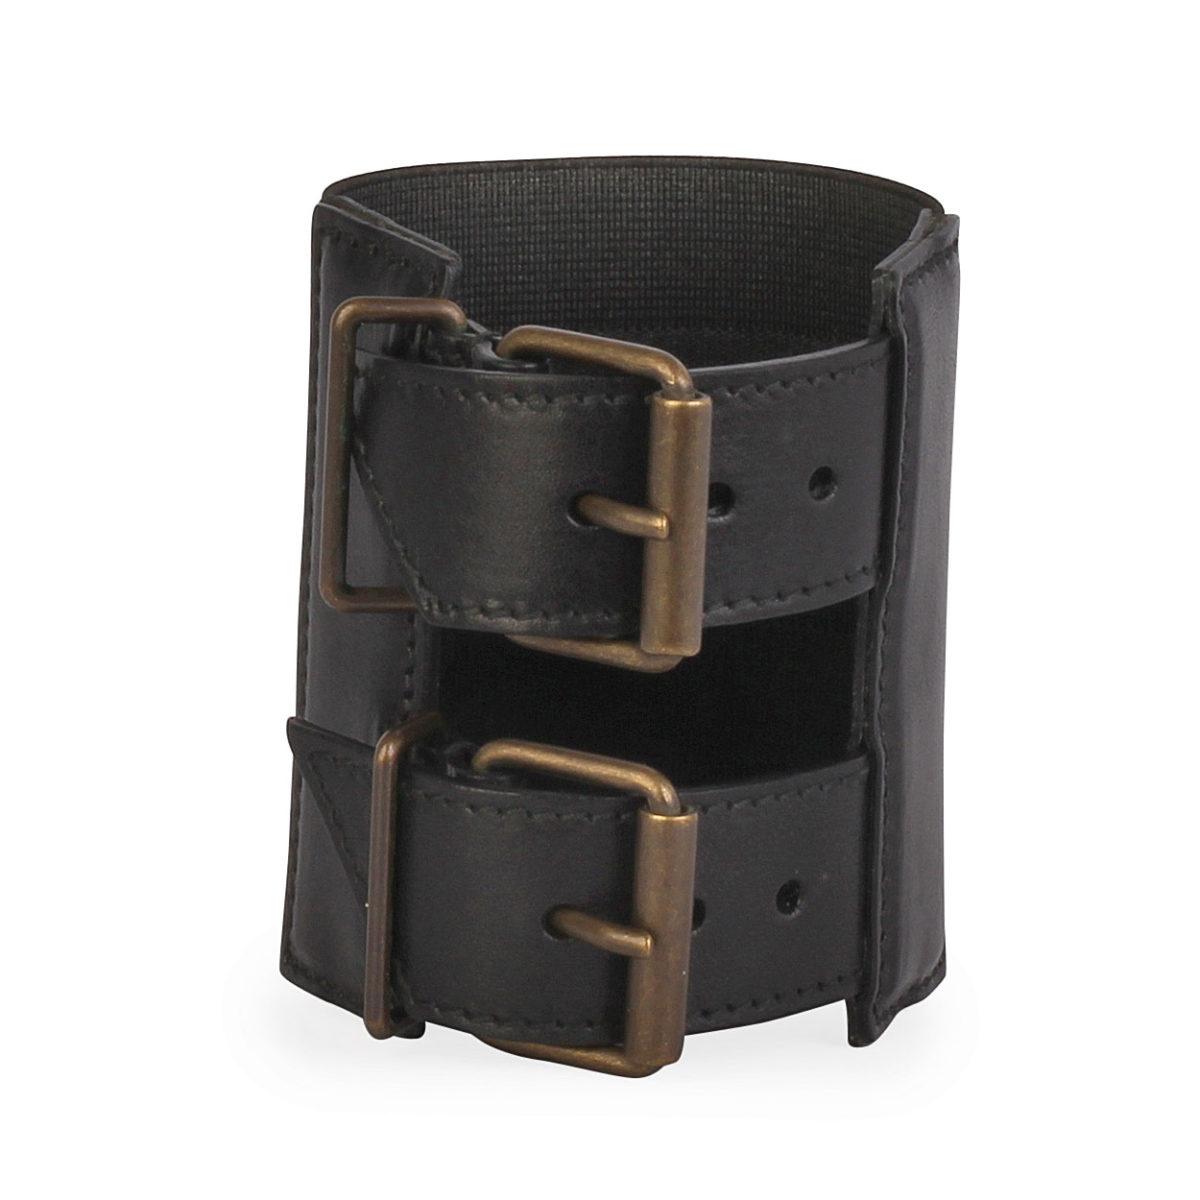 378c343583 YVES SAINT LAURENT Leather Double Buckle Cuff Bracelet Black